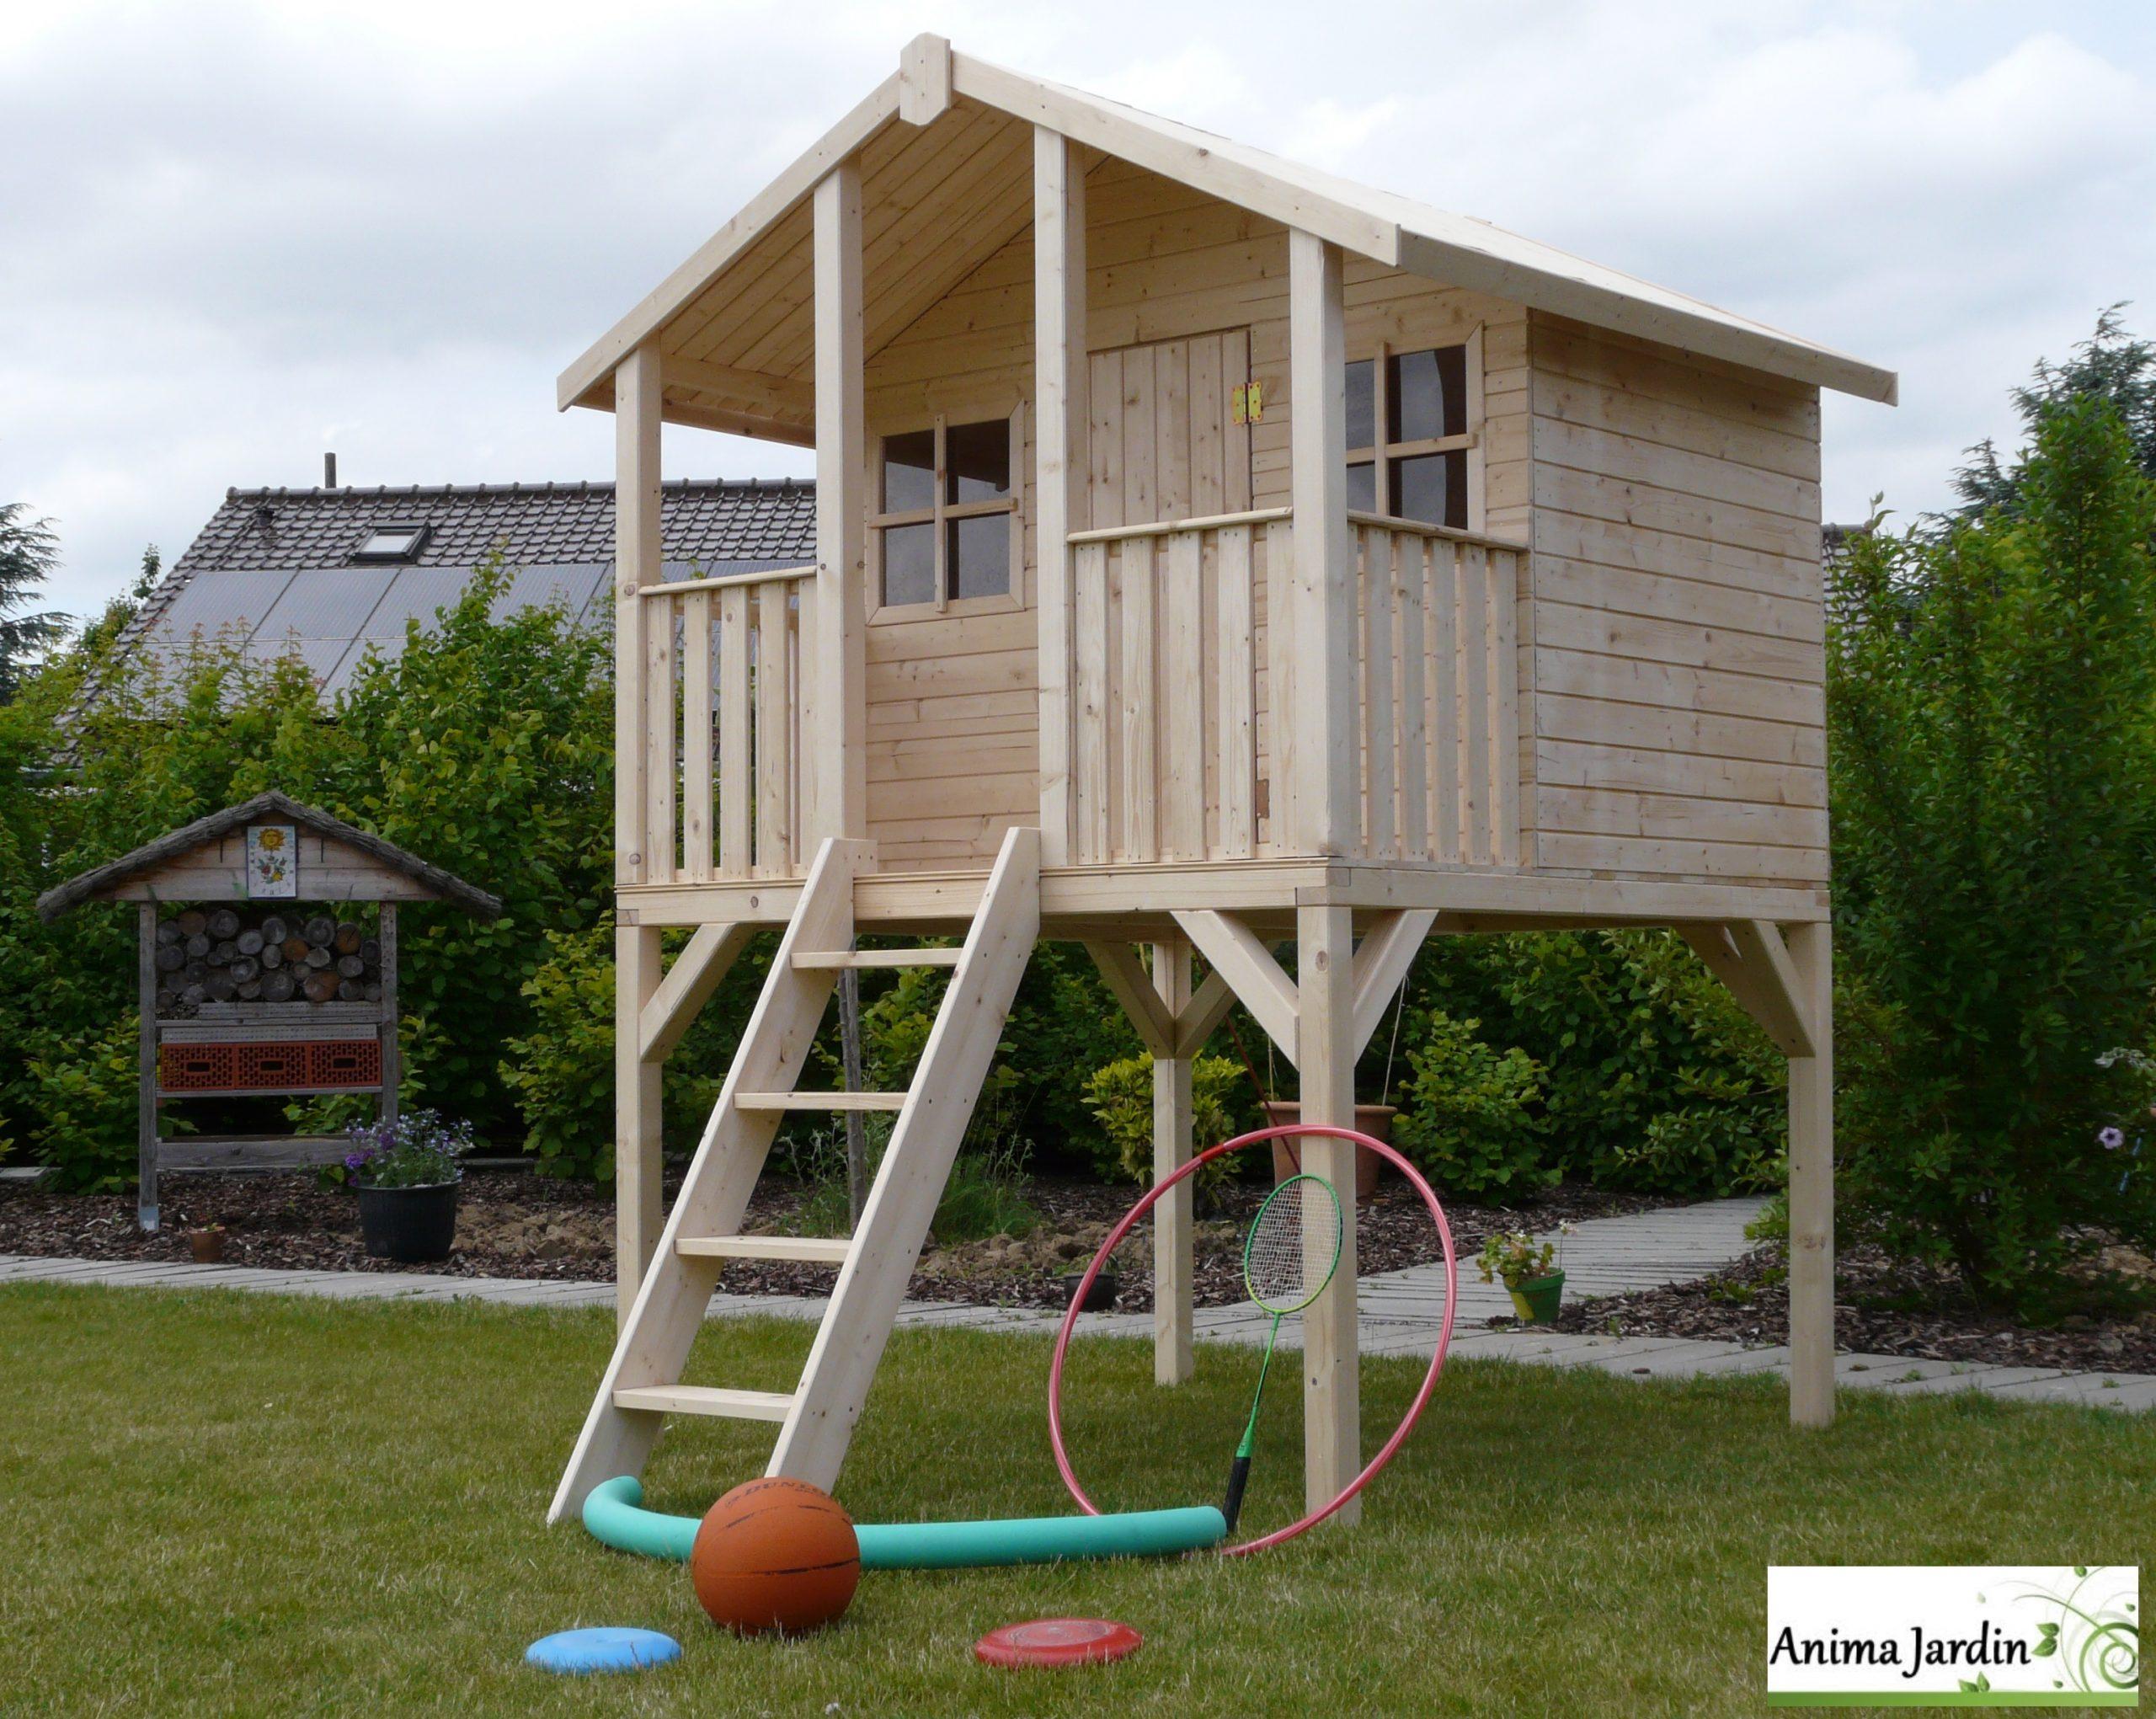 Cabane En Bois Surélevée Sur Pilotis, 3M², Toit Deux Pentes ... avec Jeux De Jardin En Bois